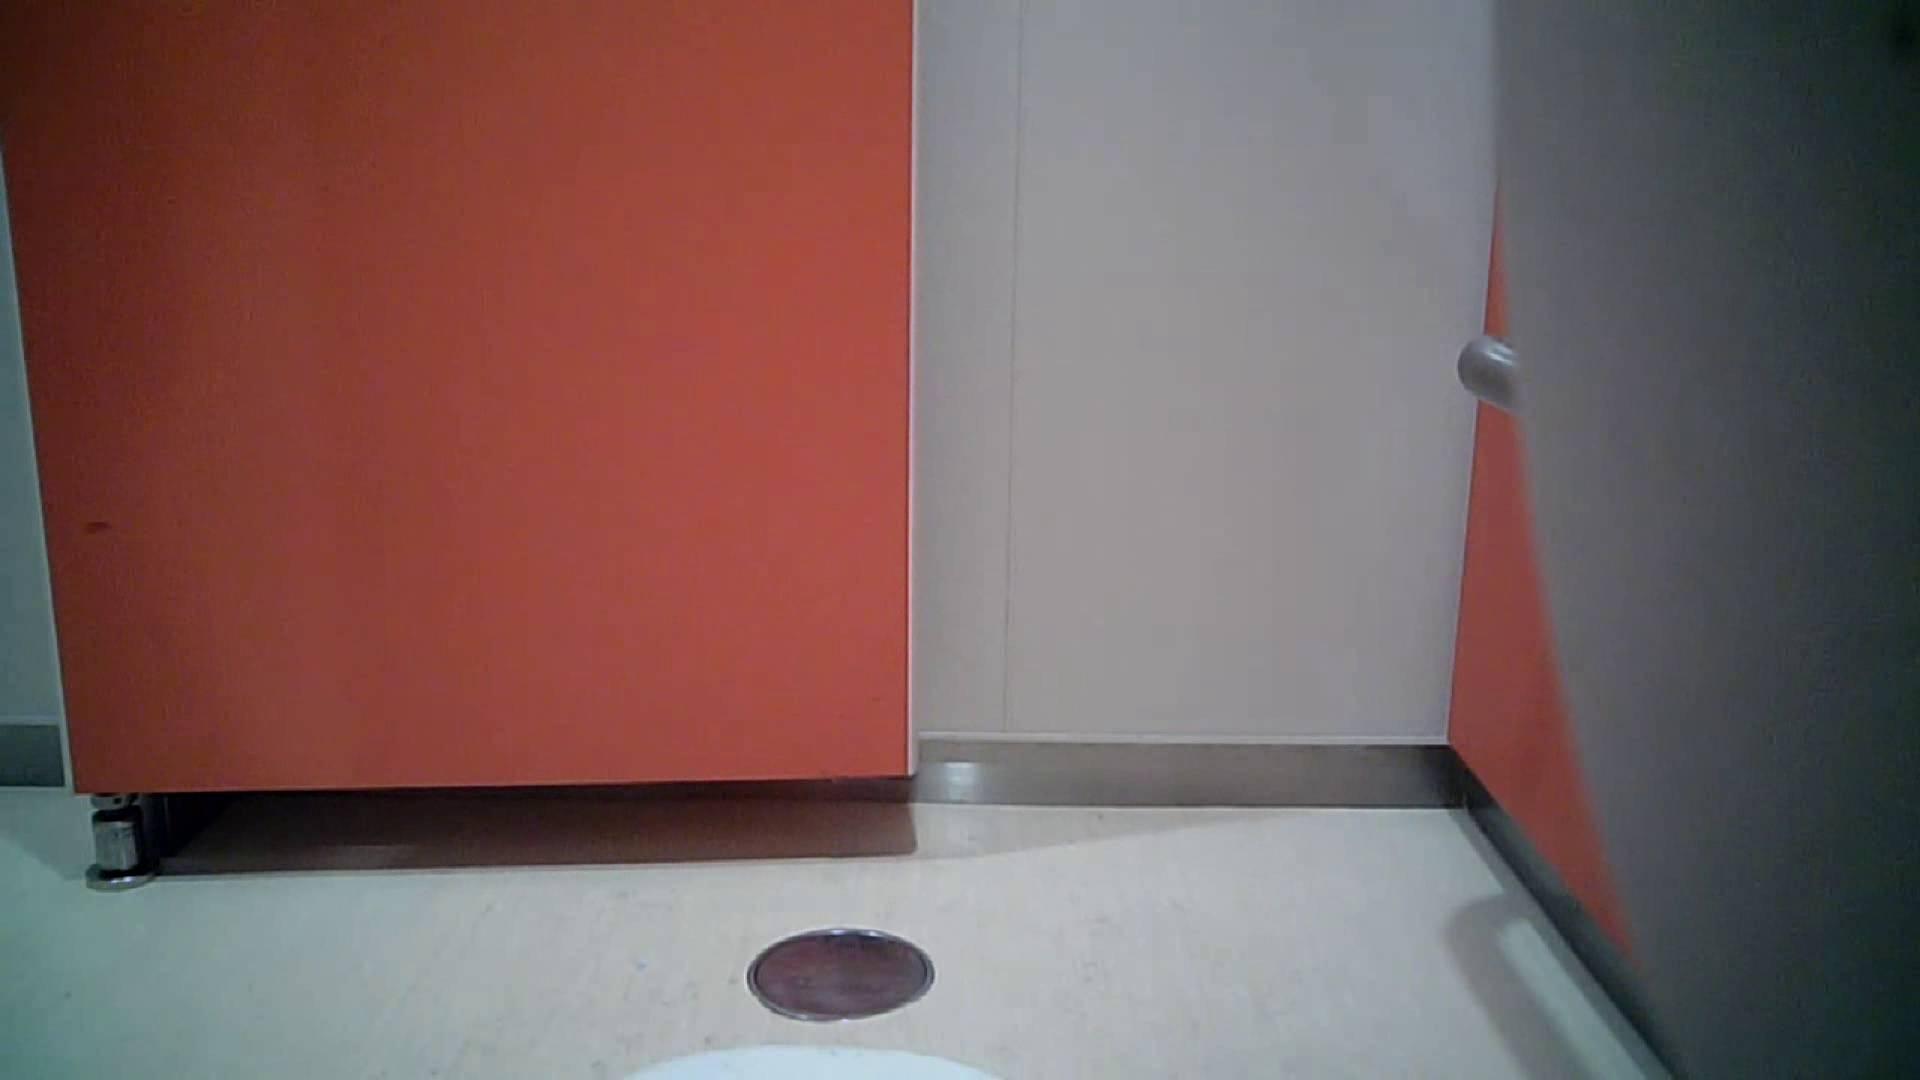 痴態洗面所 Vol.05 今回は下からのアングルたっぷりで!! 洗面所のぞき アダルト動画キャプチャ 105枚 53